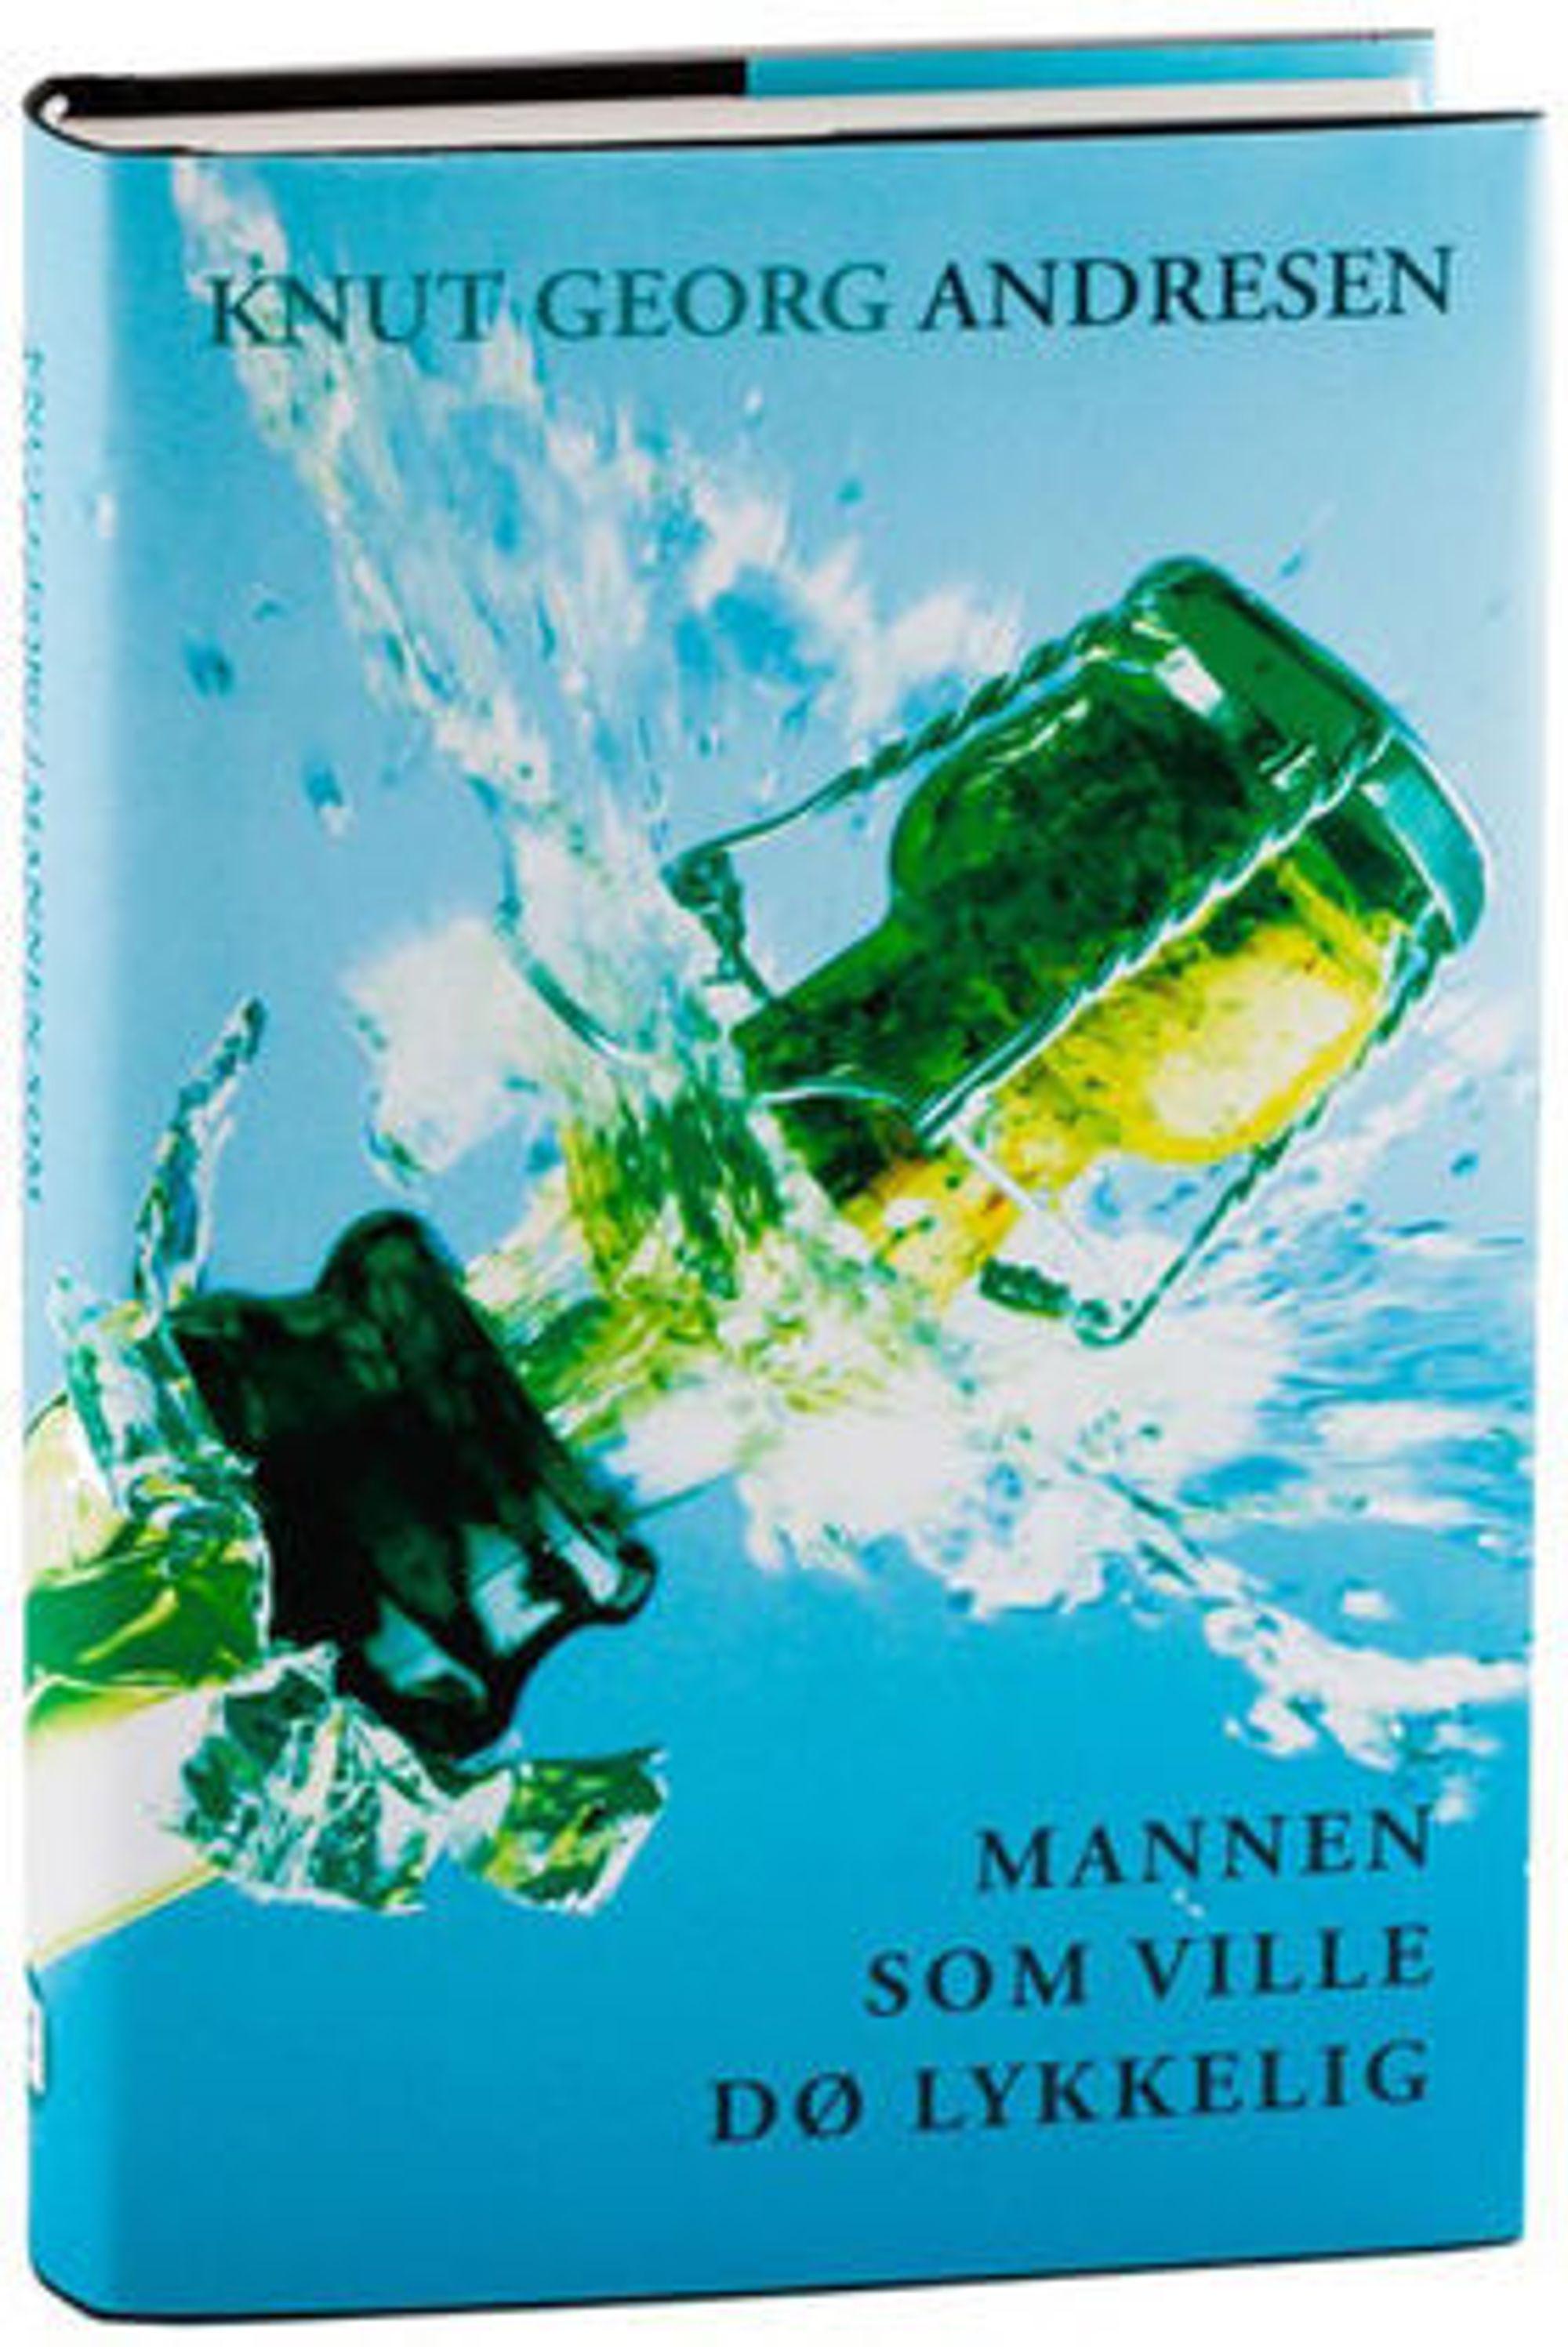 """Fair-gründer Knut Georg Andresen, håper på godt salg av forlaget, og hans, første utgivelse: Romanen """"Mannen som ville dø lykkelig."""""""